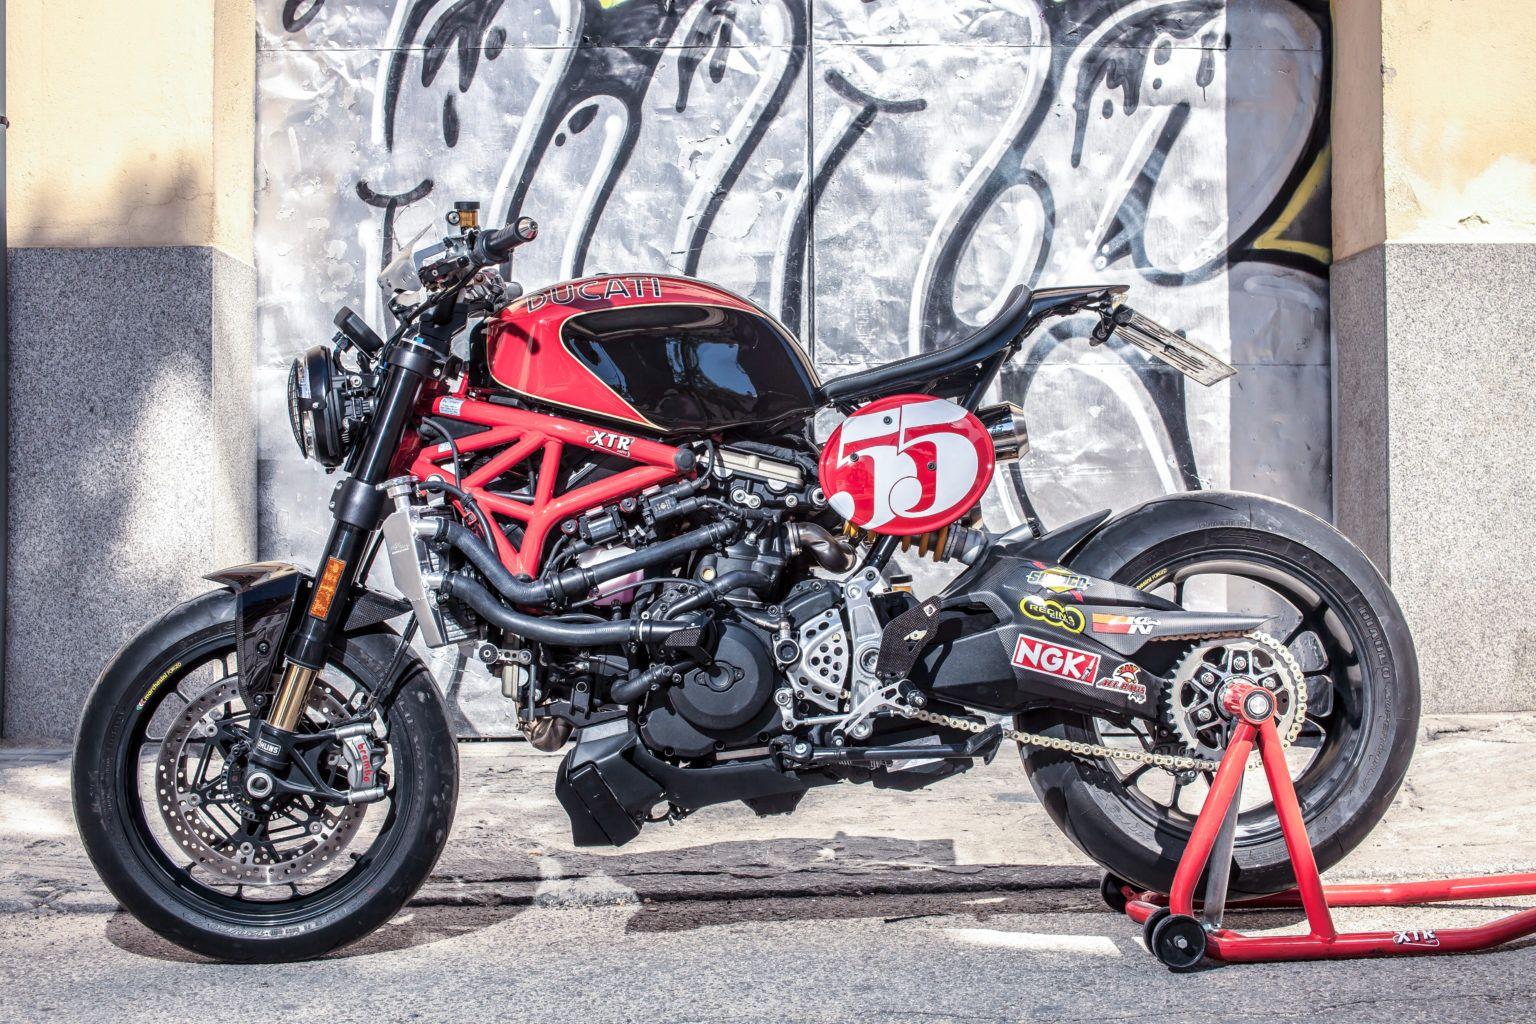 Ducati Monster 1200 R : présentation, fiche technique, prix